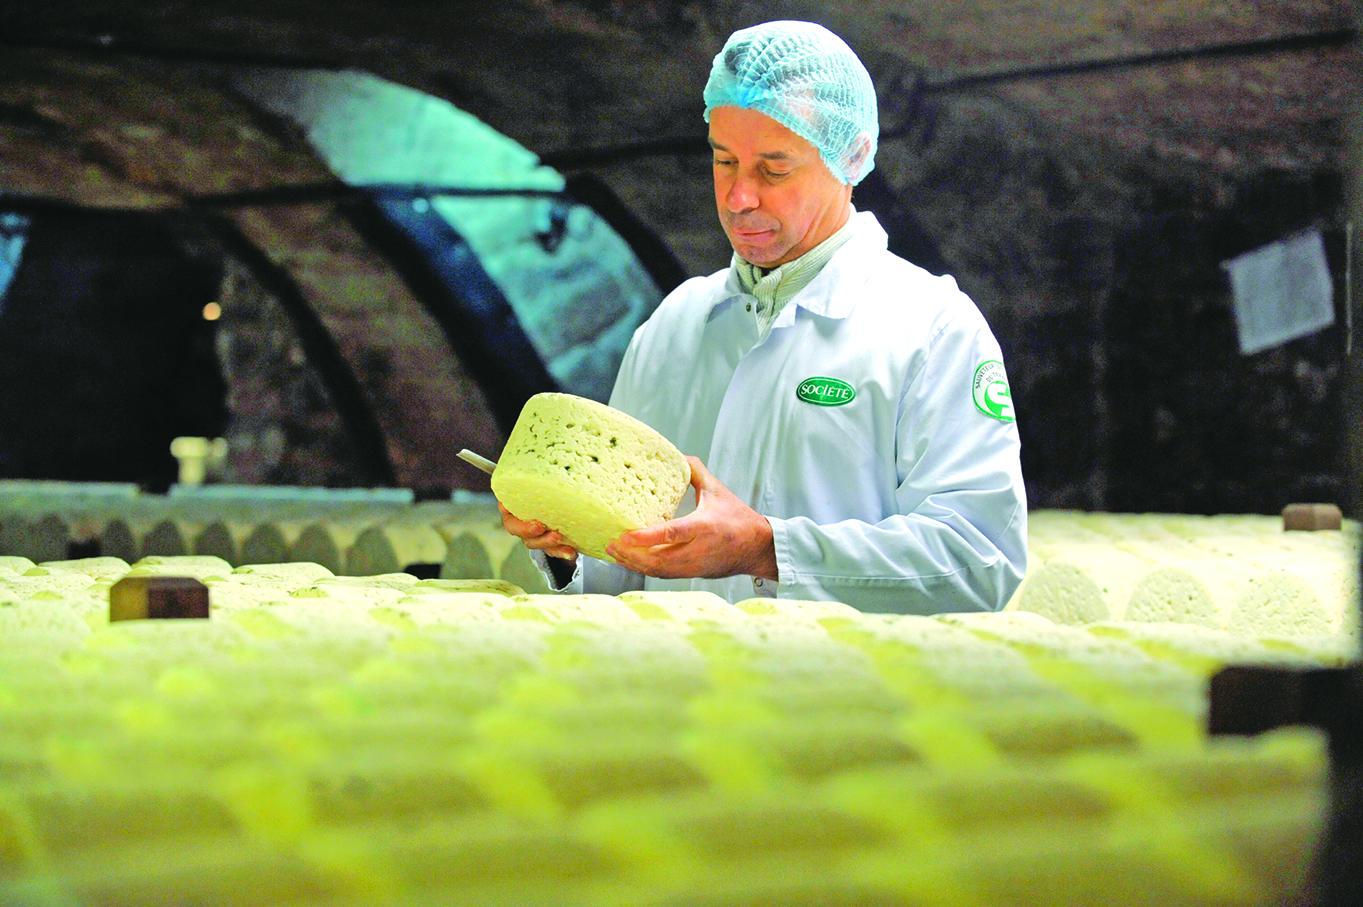 現代的法國洛克福耳村芝士地窖中,工匠正在檢視青黴的生長狀況。